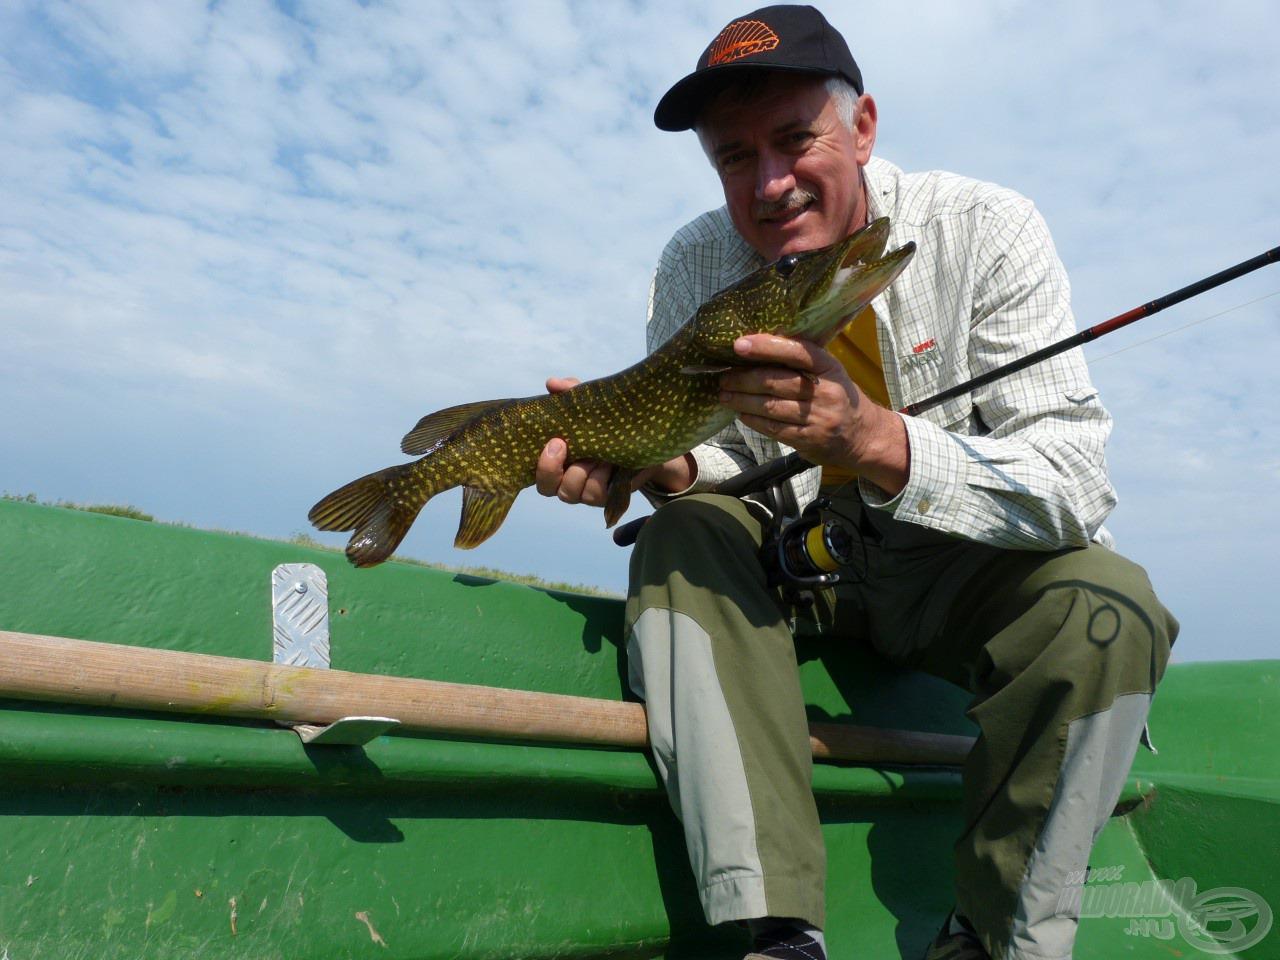 Nagyszerű tesztpályán, a Duna-deltában horgásztam a Bokor Spin pergető felszereléssel…